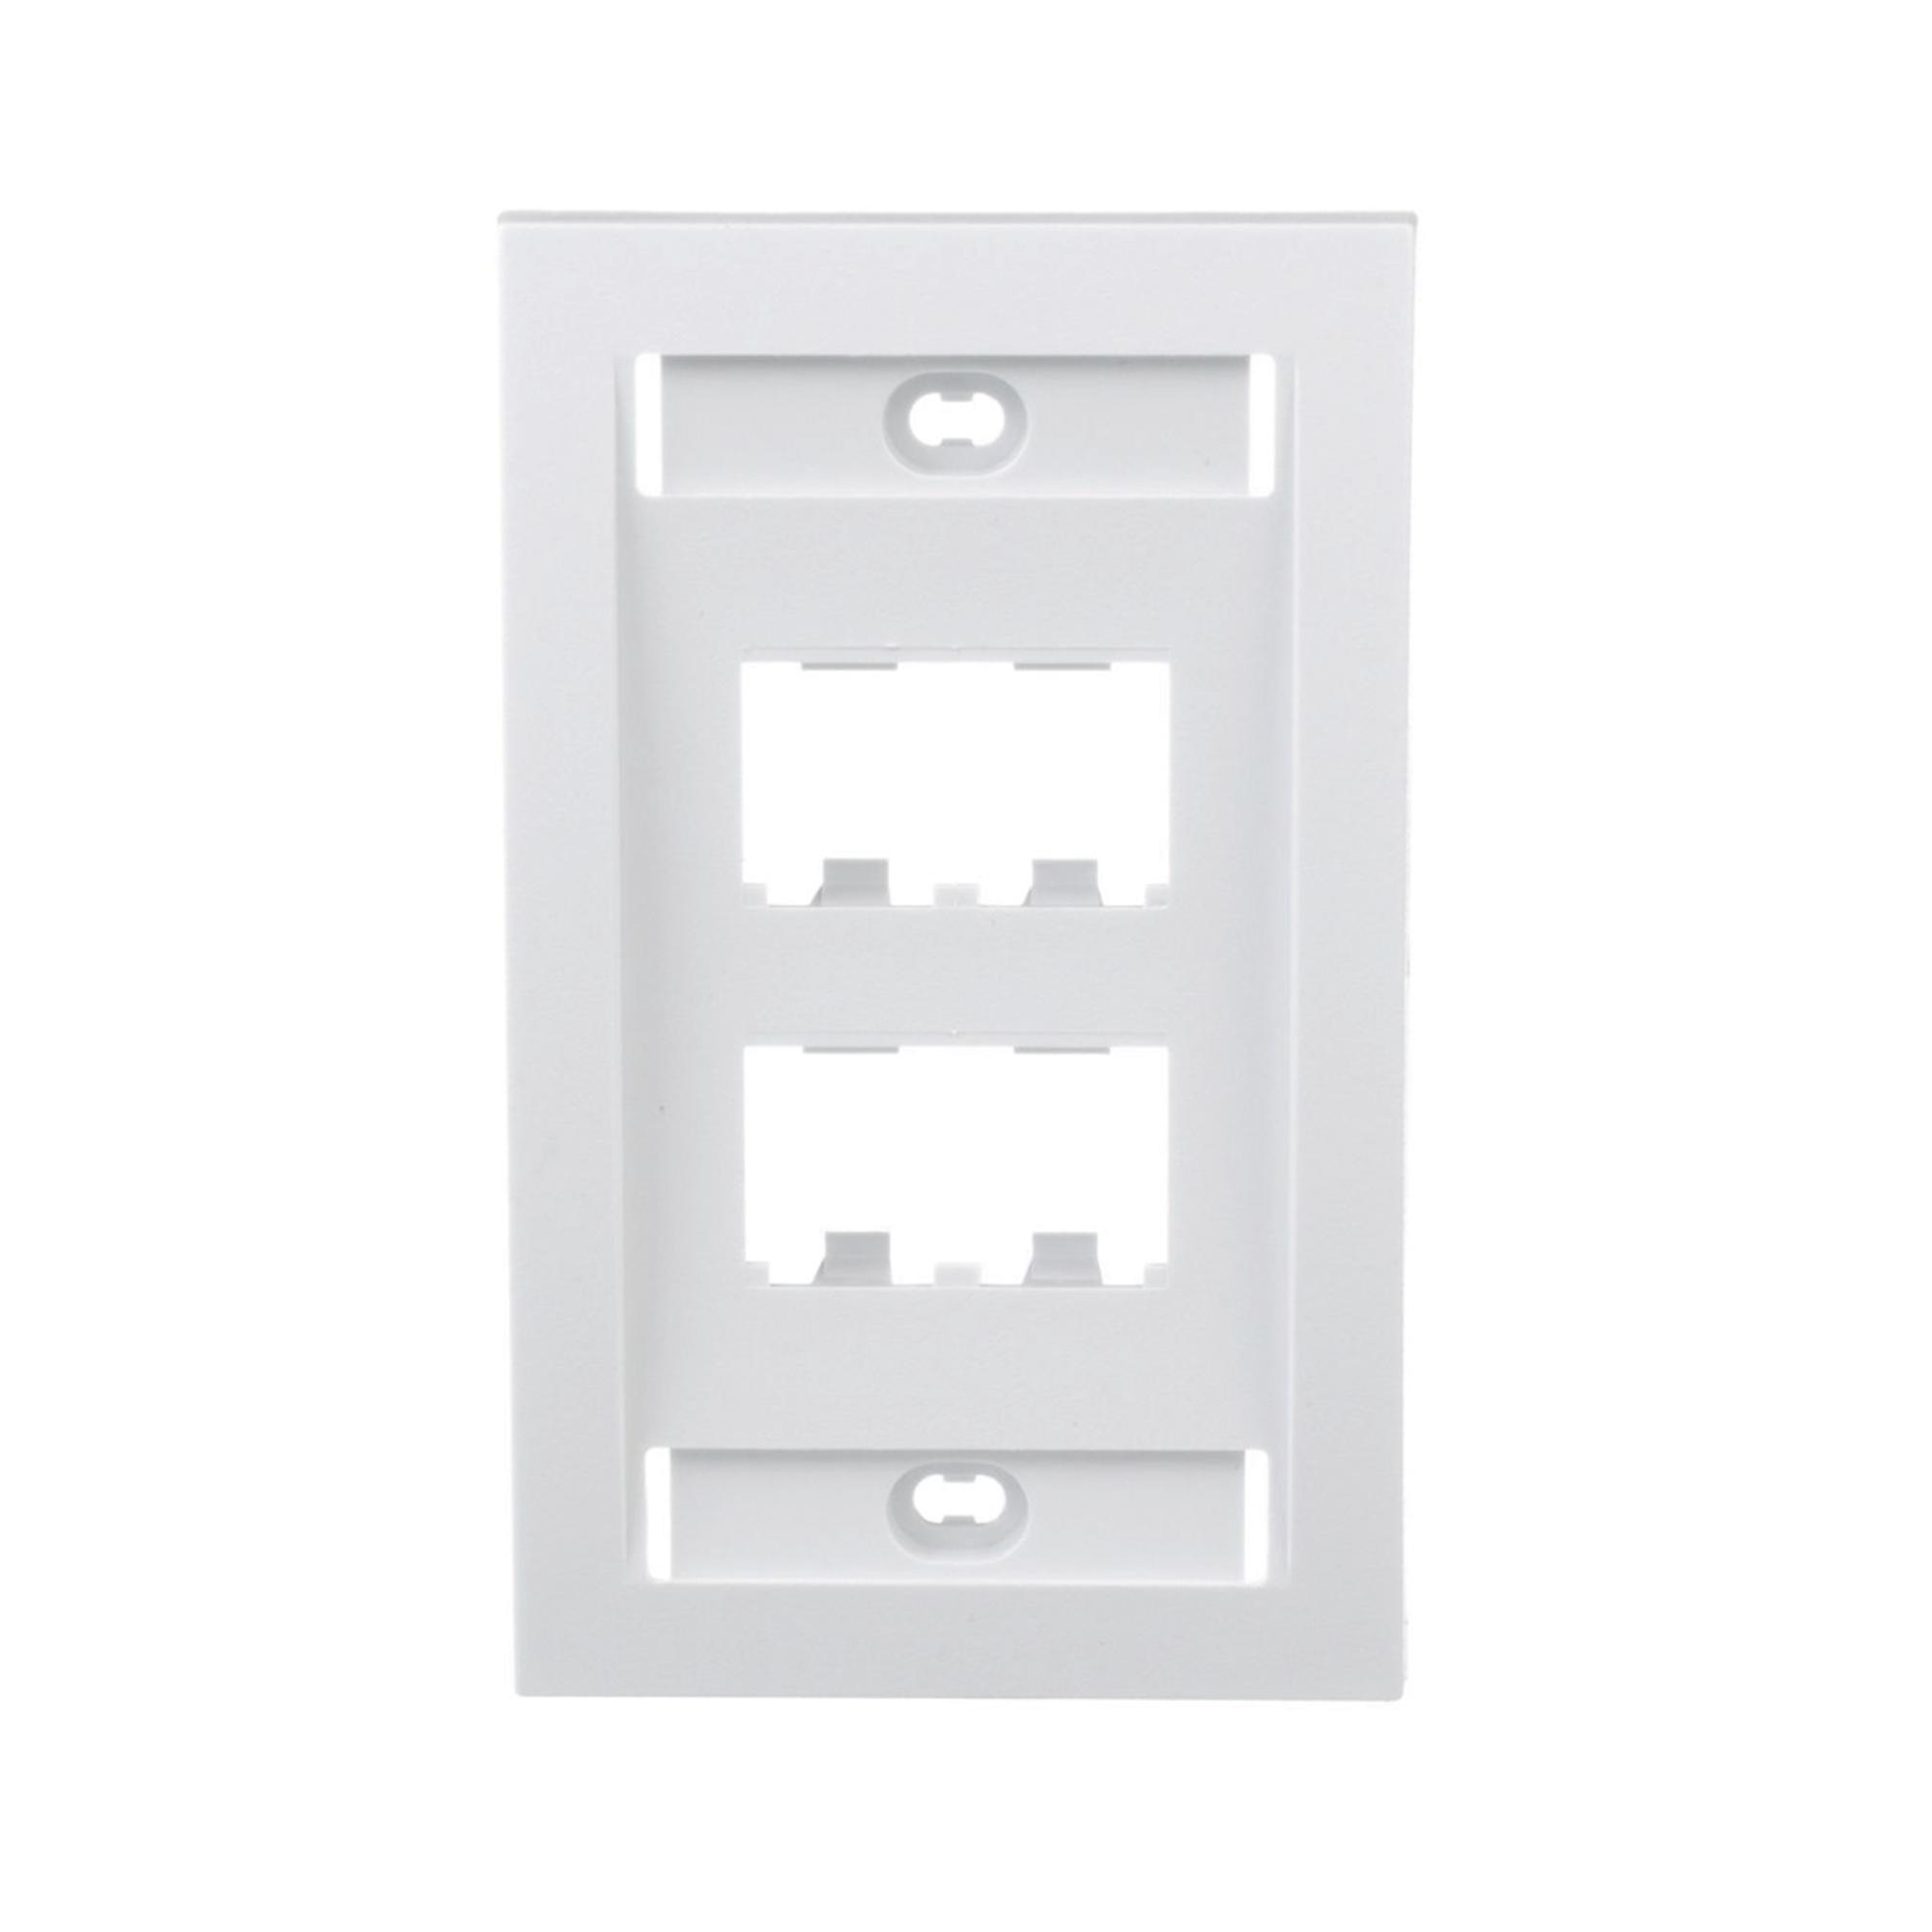 Placa de Pared Vertical Ejecutiva, Salida Para 4 Puertos Mini-Com, Con Espacios Para Etiquetas, Color Blanco